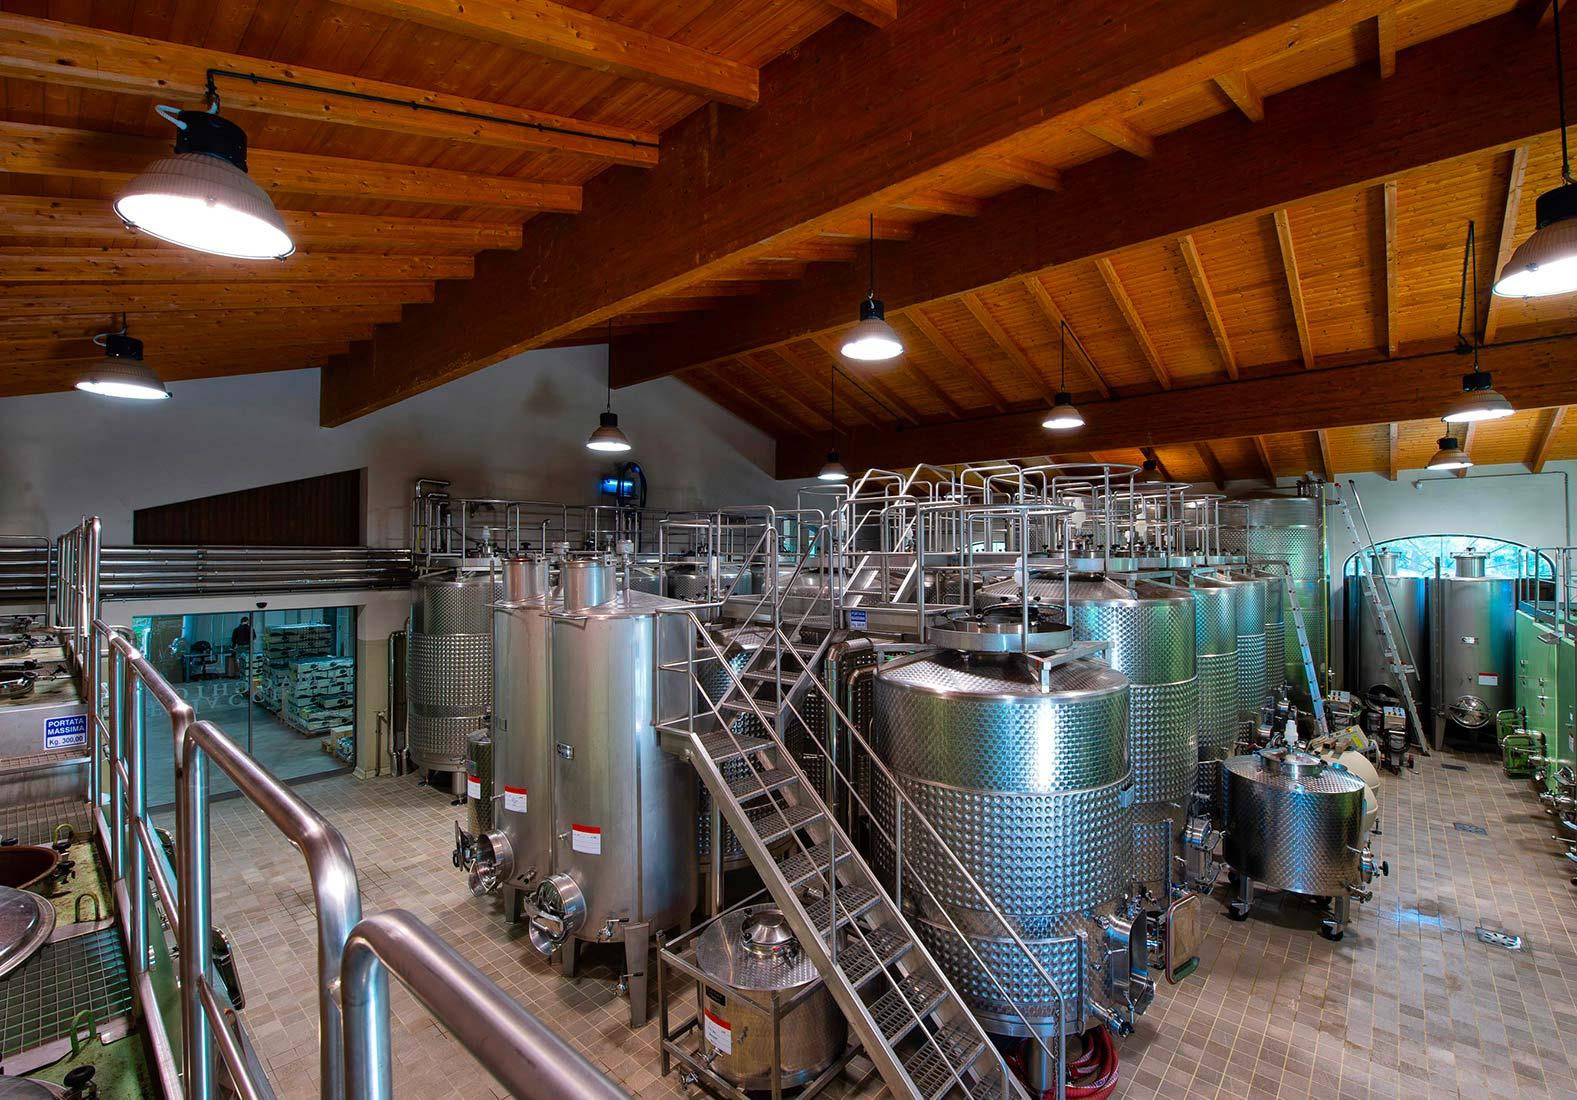 Le Macchiole Wine Cellar